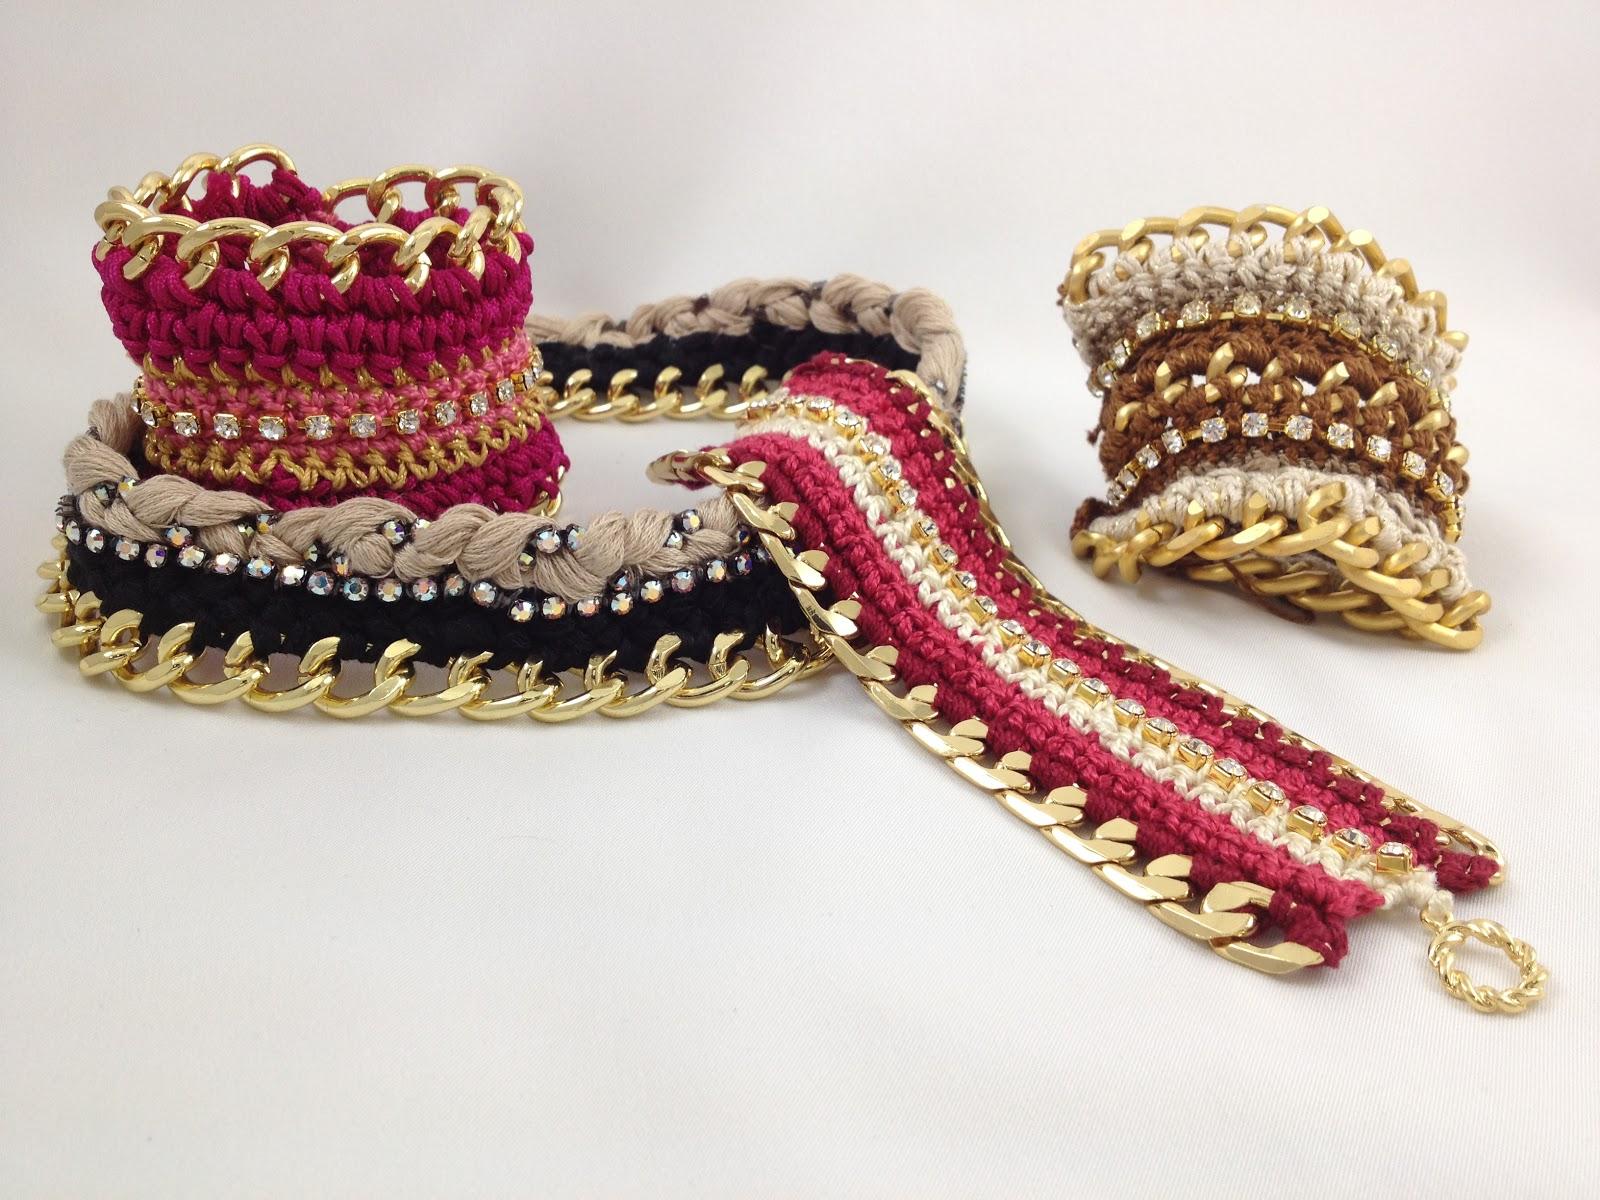 Para muestra un botón, aqui les mostramos algunas de las piezas que enseñamos en las nuevas clases de \u0026quot;Crochet\u0026quot; en Entrepiedras Bisuteria.